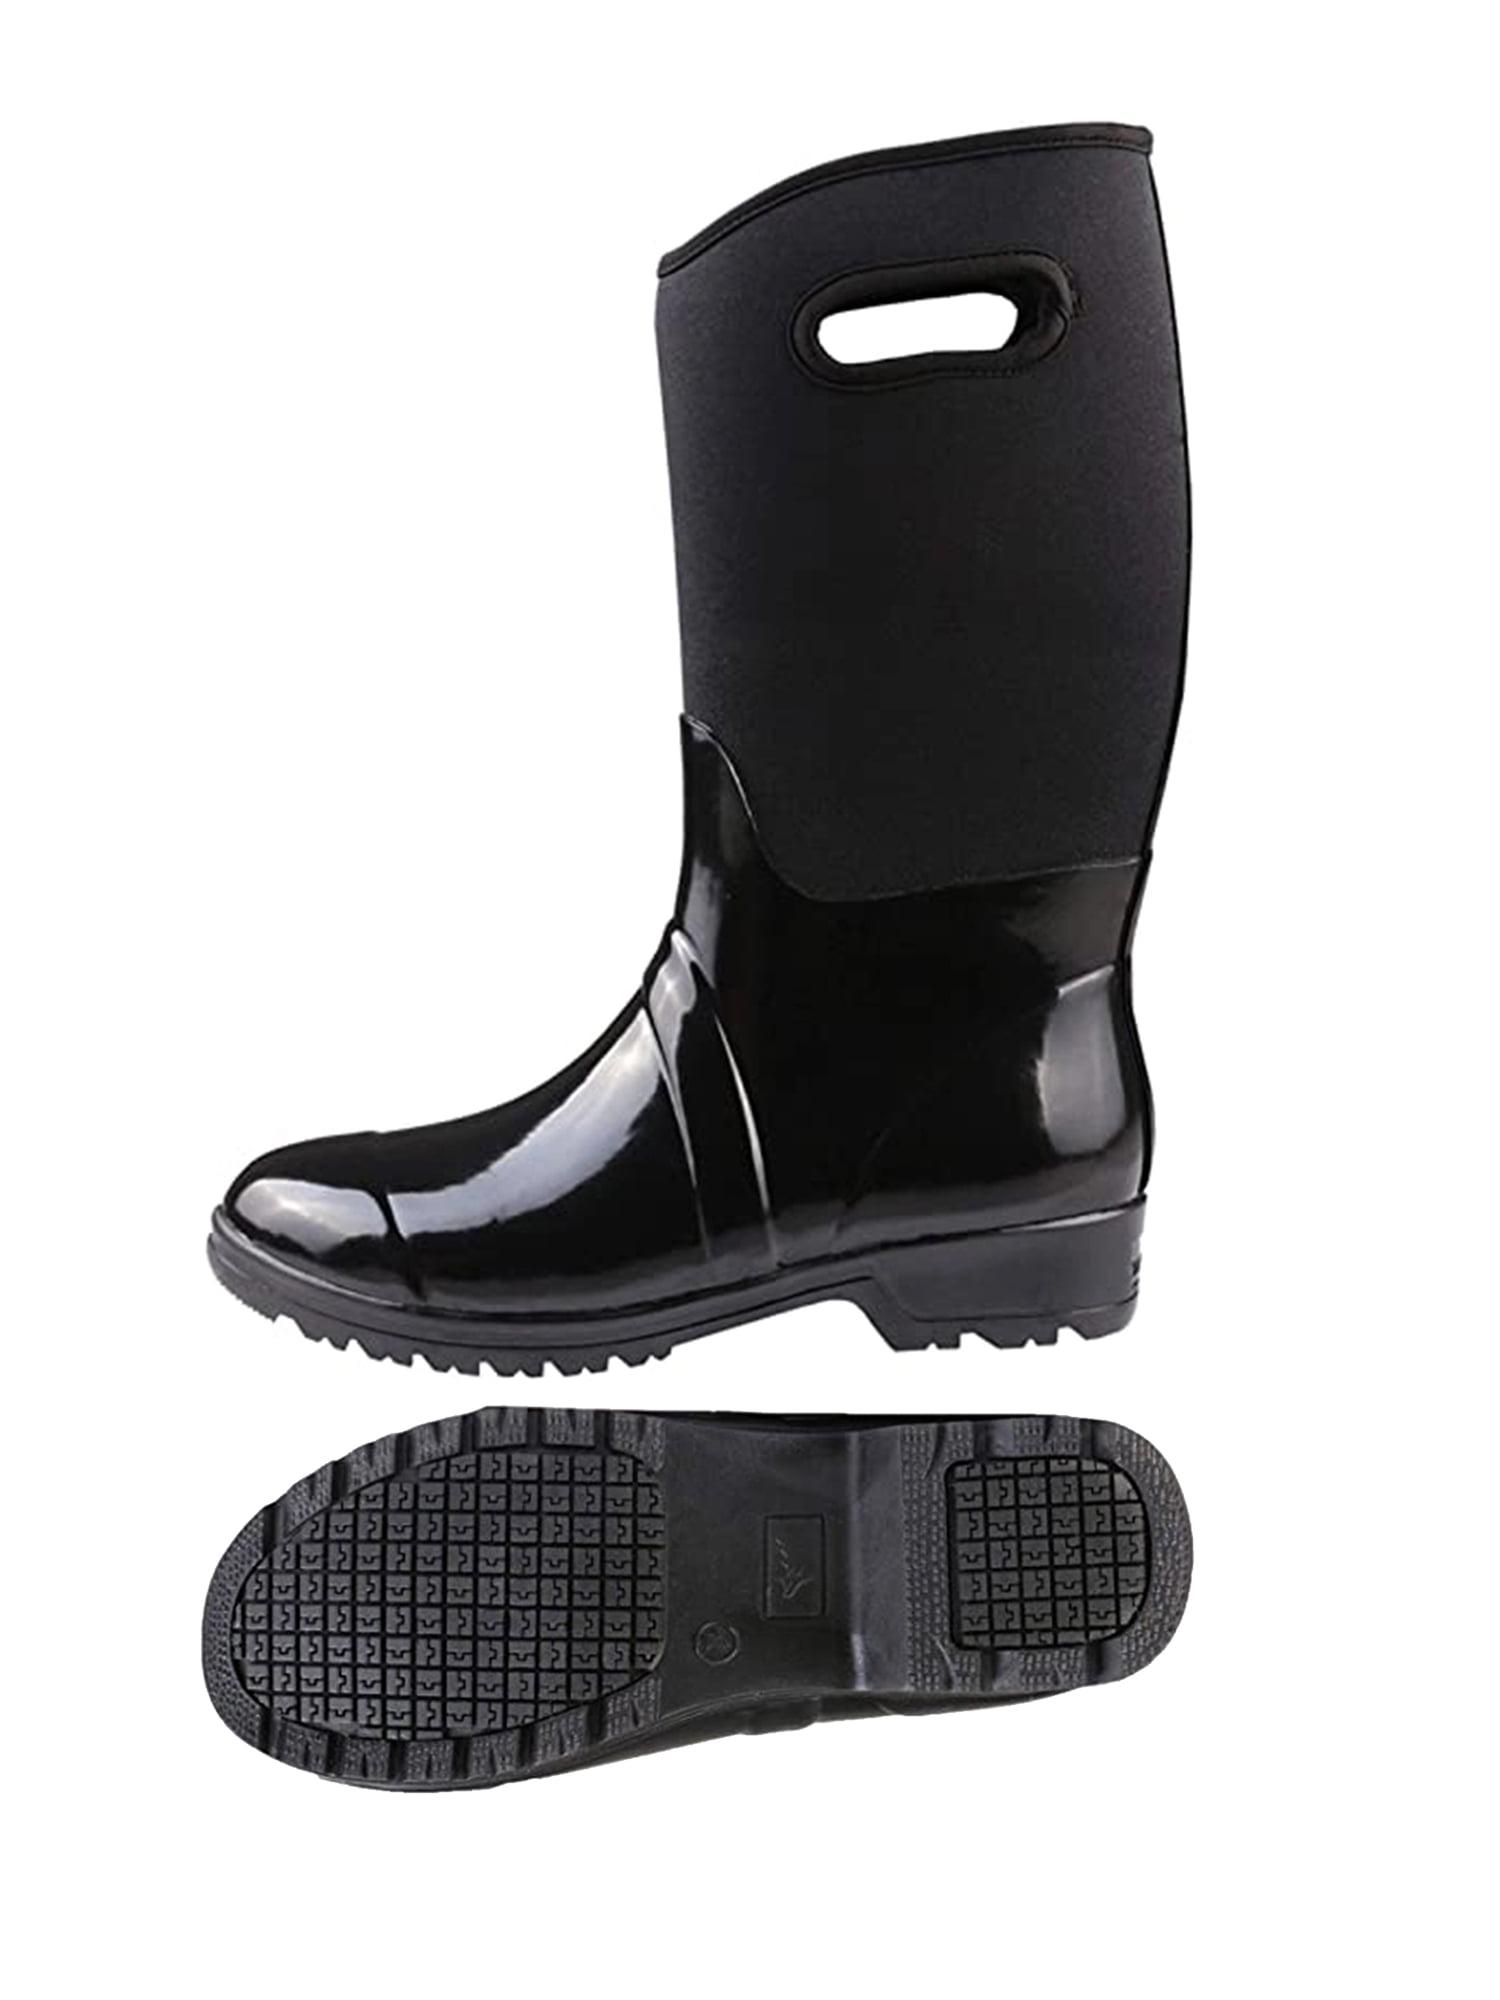 Waterproof Neoprene Women Rain Boots